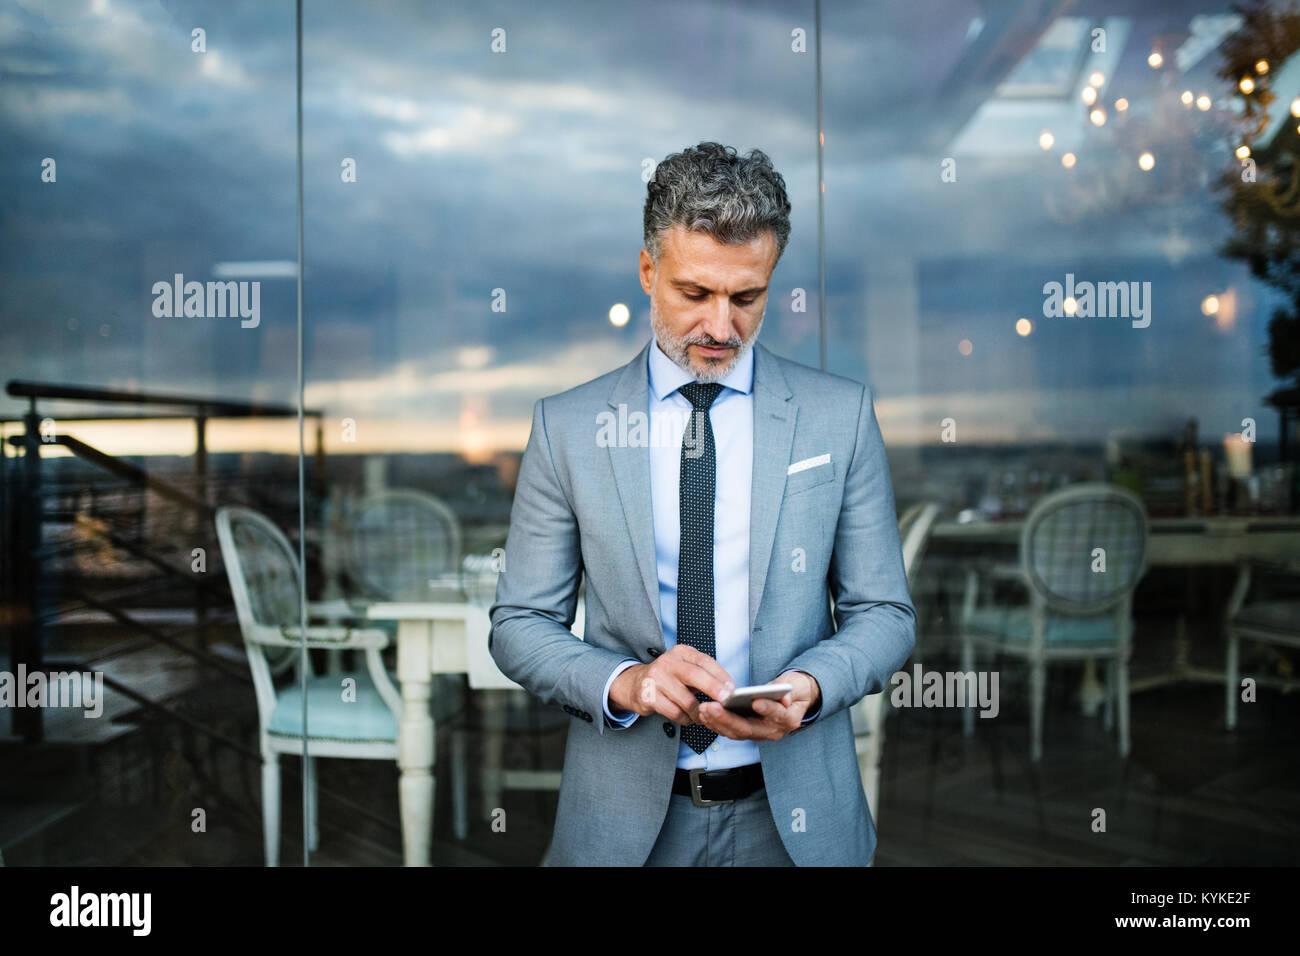 Geschäftsmann mit Smartphone in einen Außenpool Hotel Cafe. Stockfoto